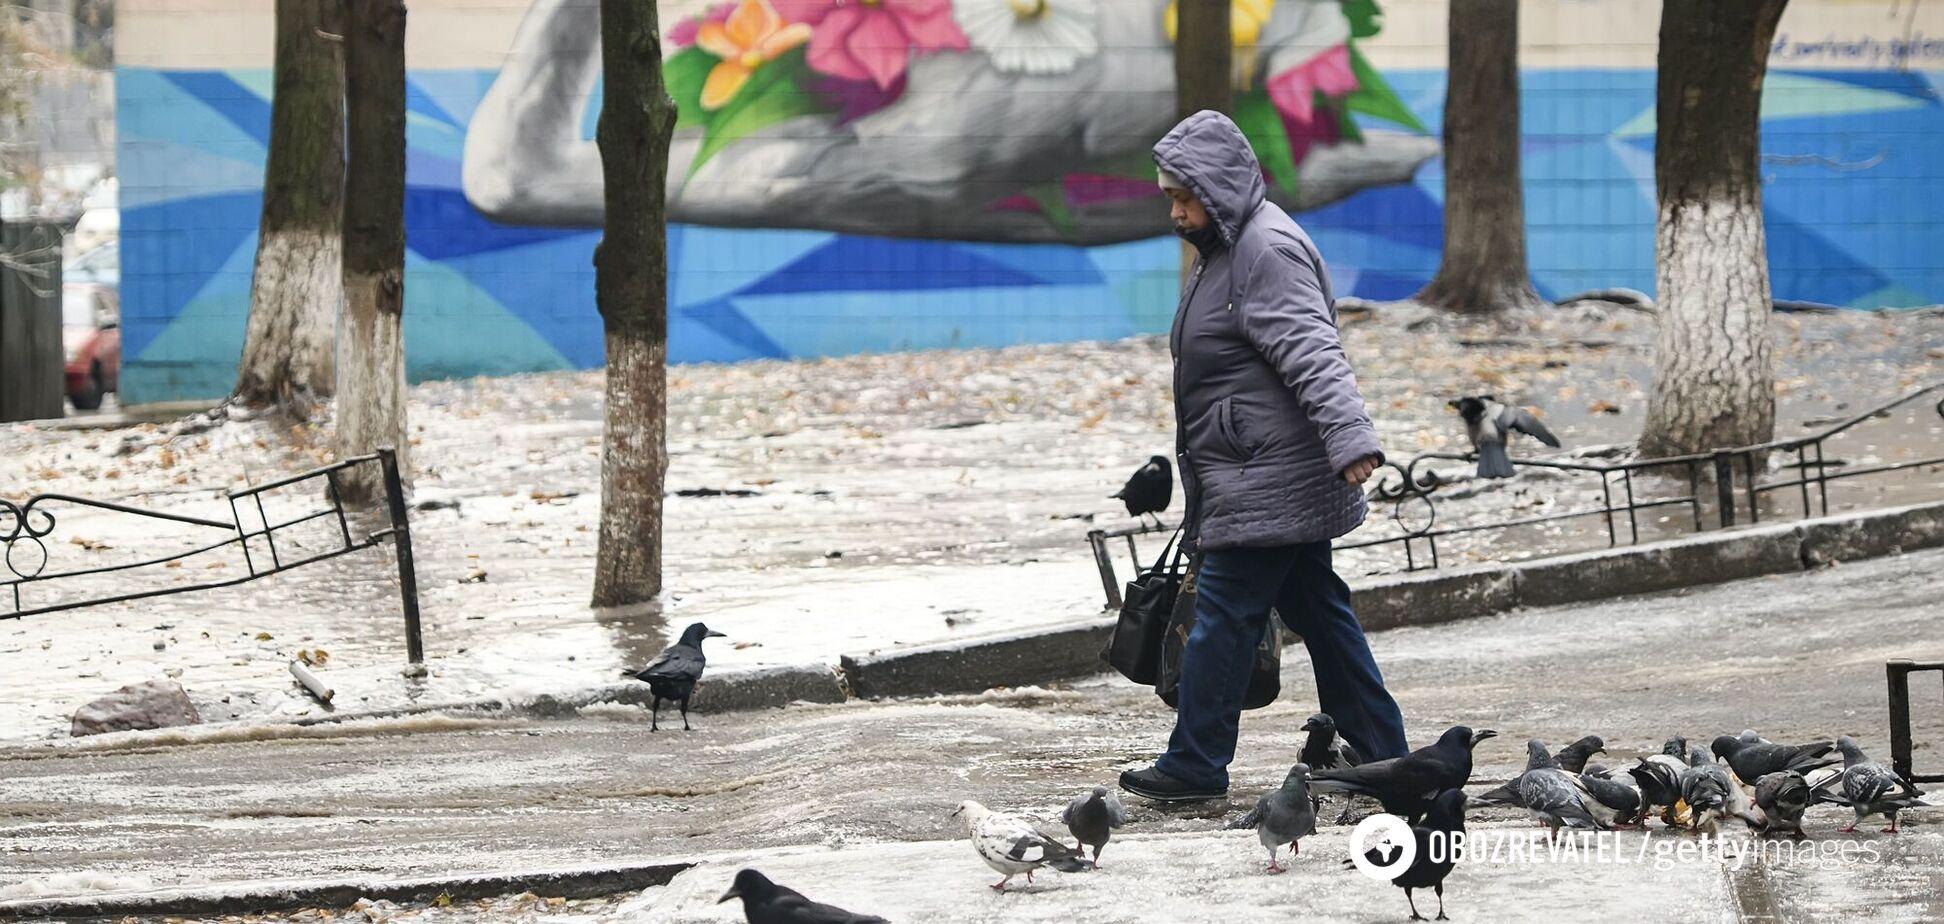 В Украину возвращаются холода и снег: где пройдут осадки. Карта